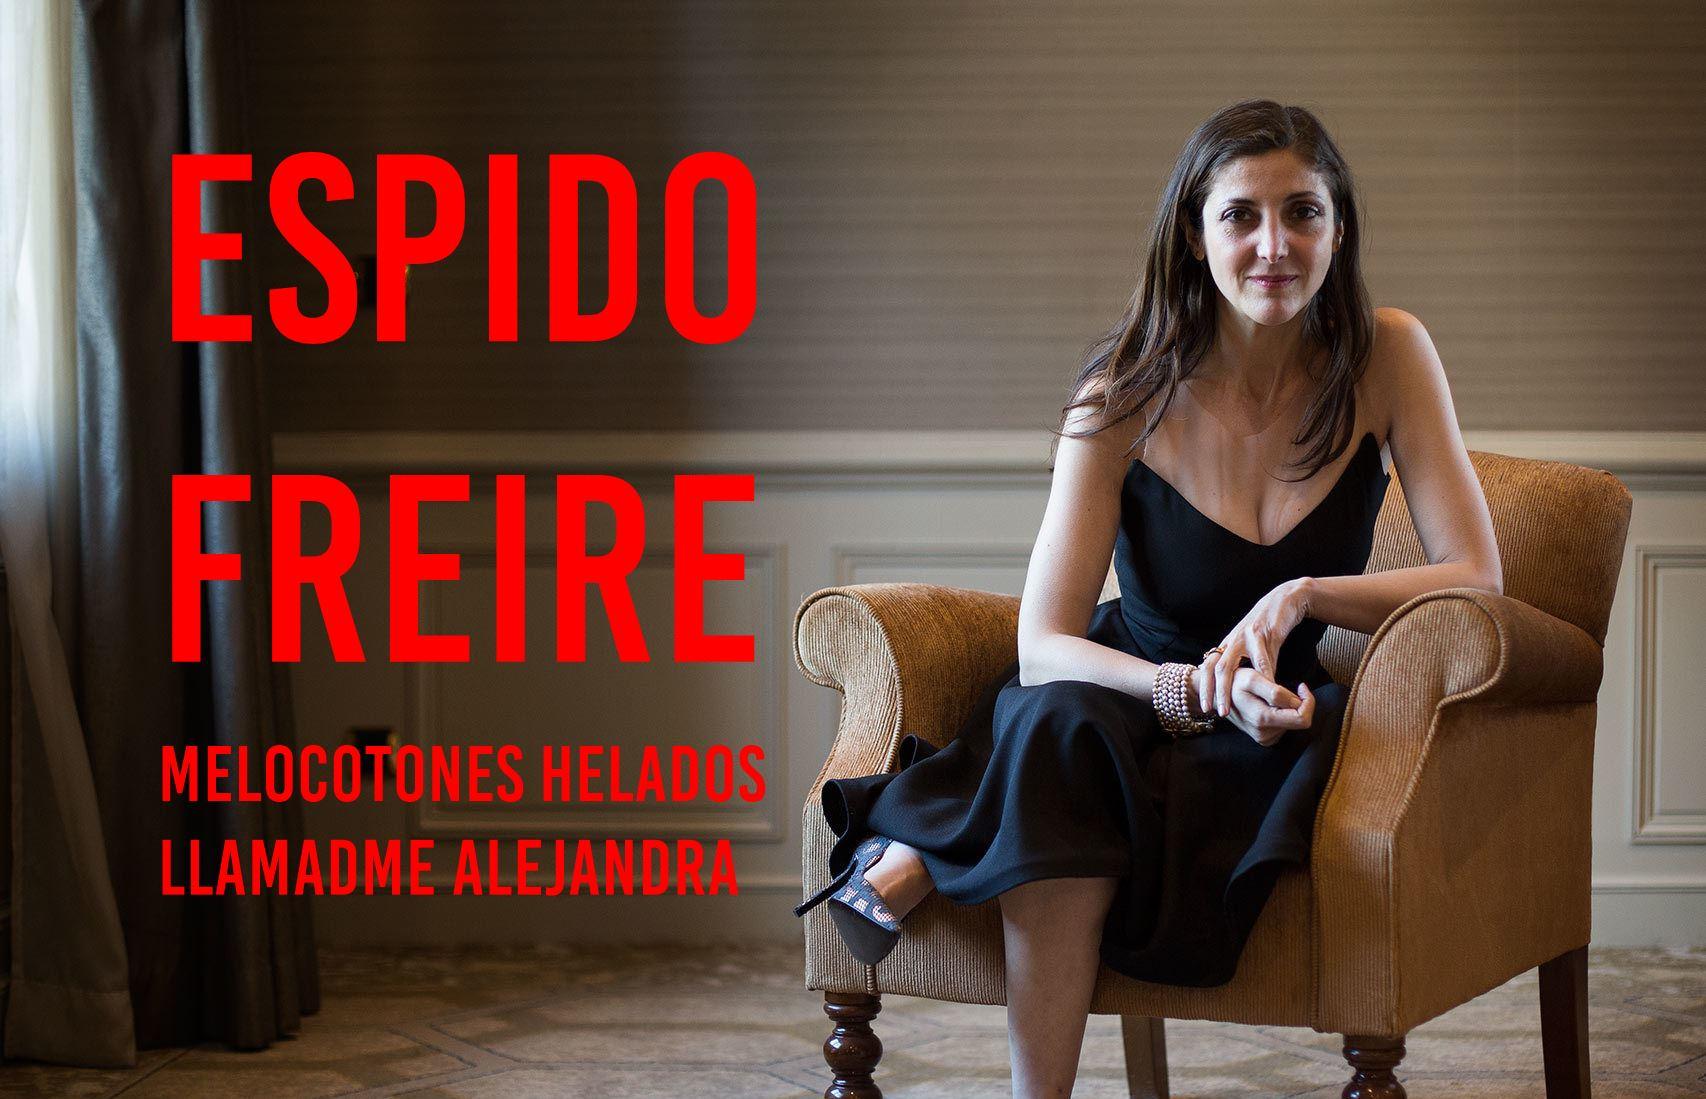 La escritora Espido Freire en la presentación de